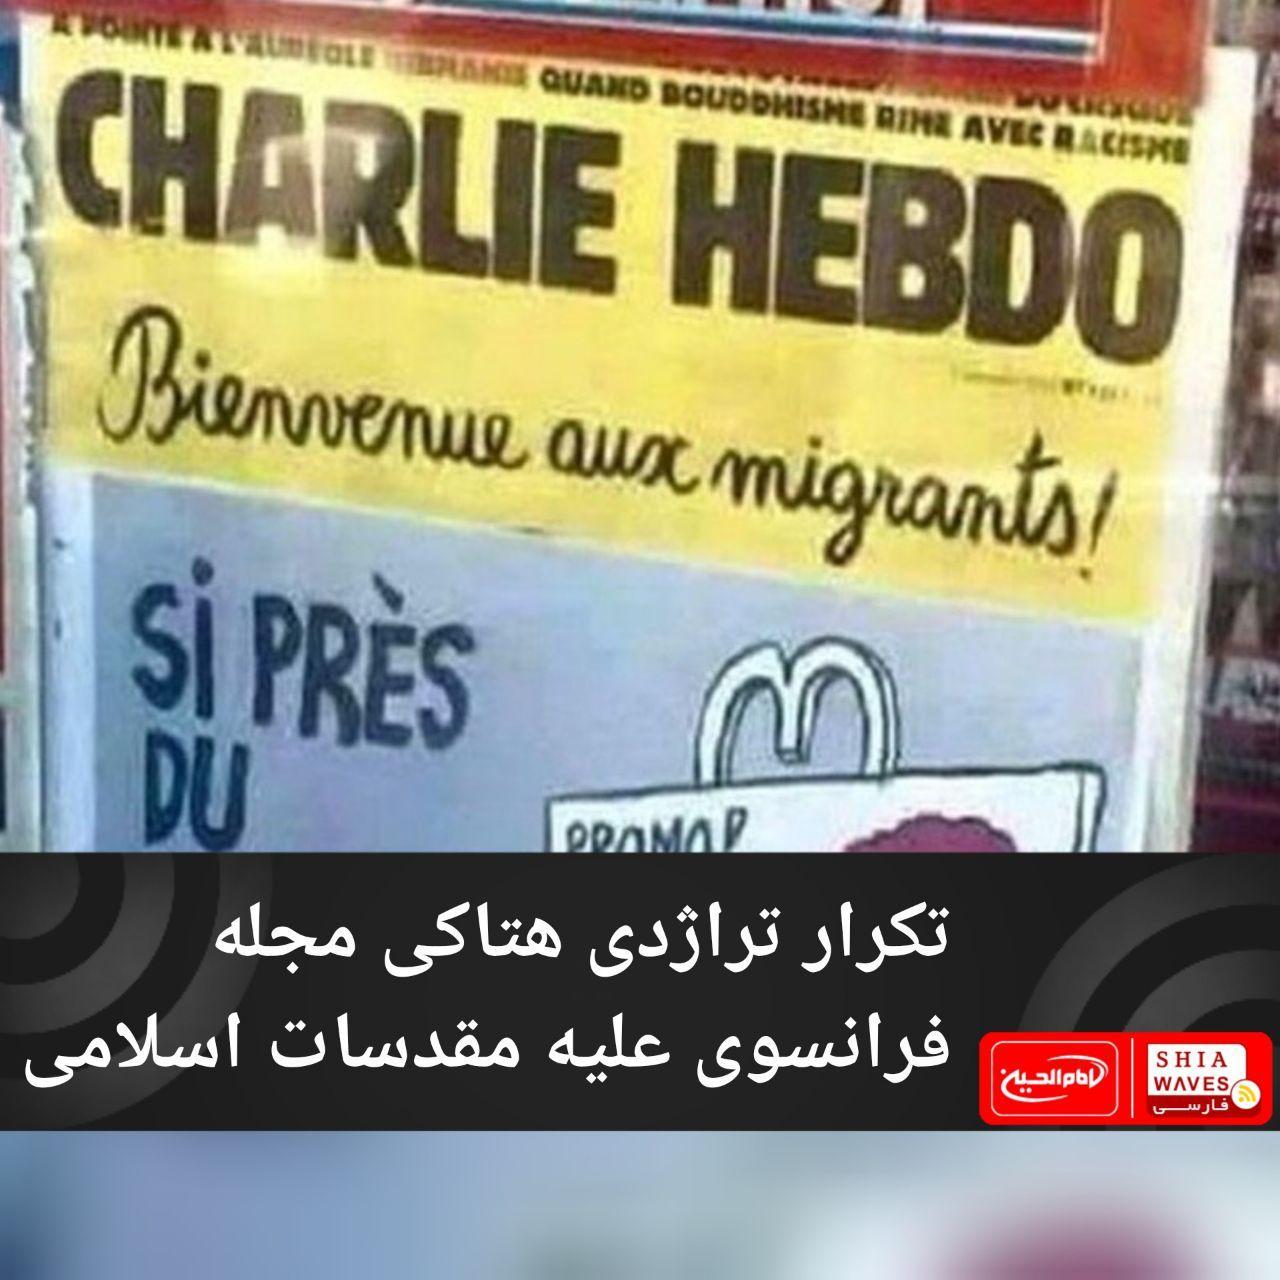 تصویر تکرار تراژدی هتاکی مجله فرانسوی علیه مقدسات اسلامی